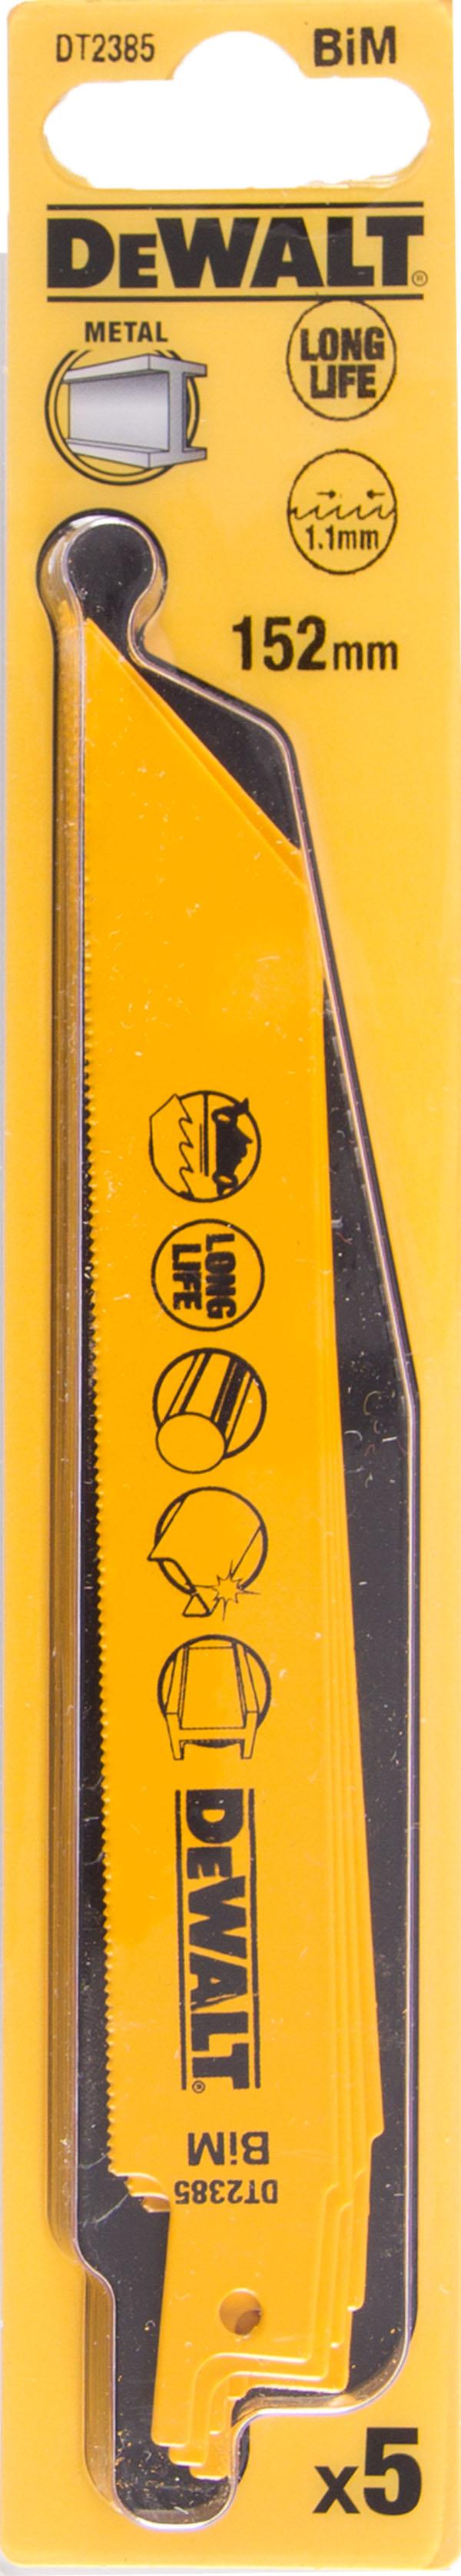 Полотно для сабельной пилы Dewalt 152мм, tpi 22, bim, 5шт/уп (dt2385-qz) полотно dewalt dt2422 для сабельной пилы s2243hm 457 мм dt2422 qz